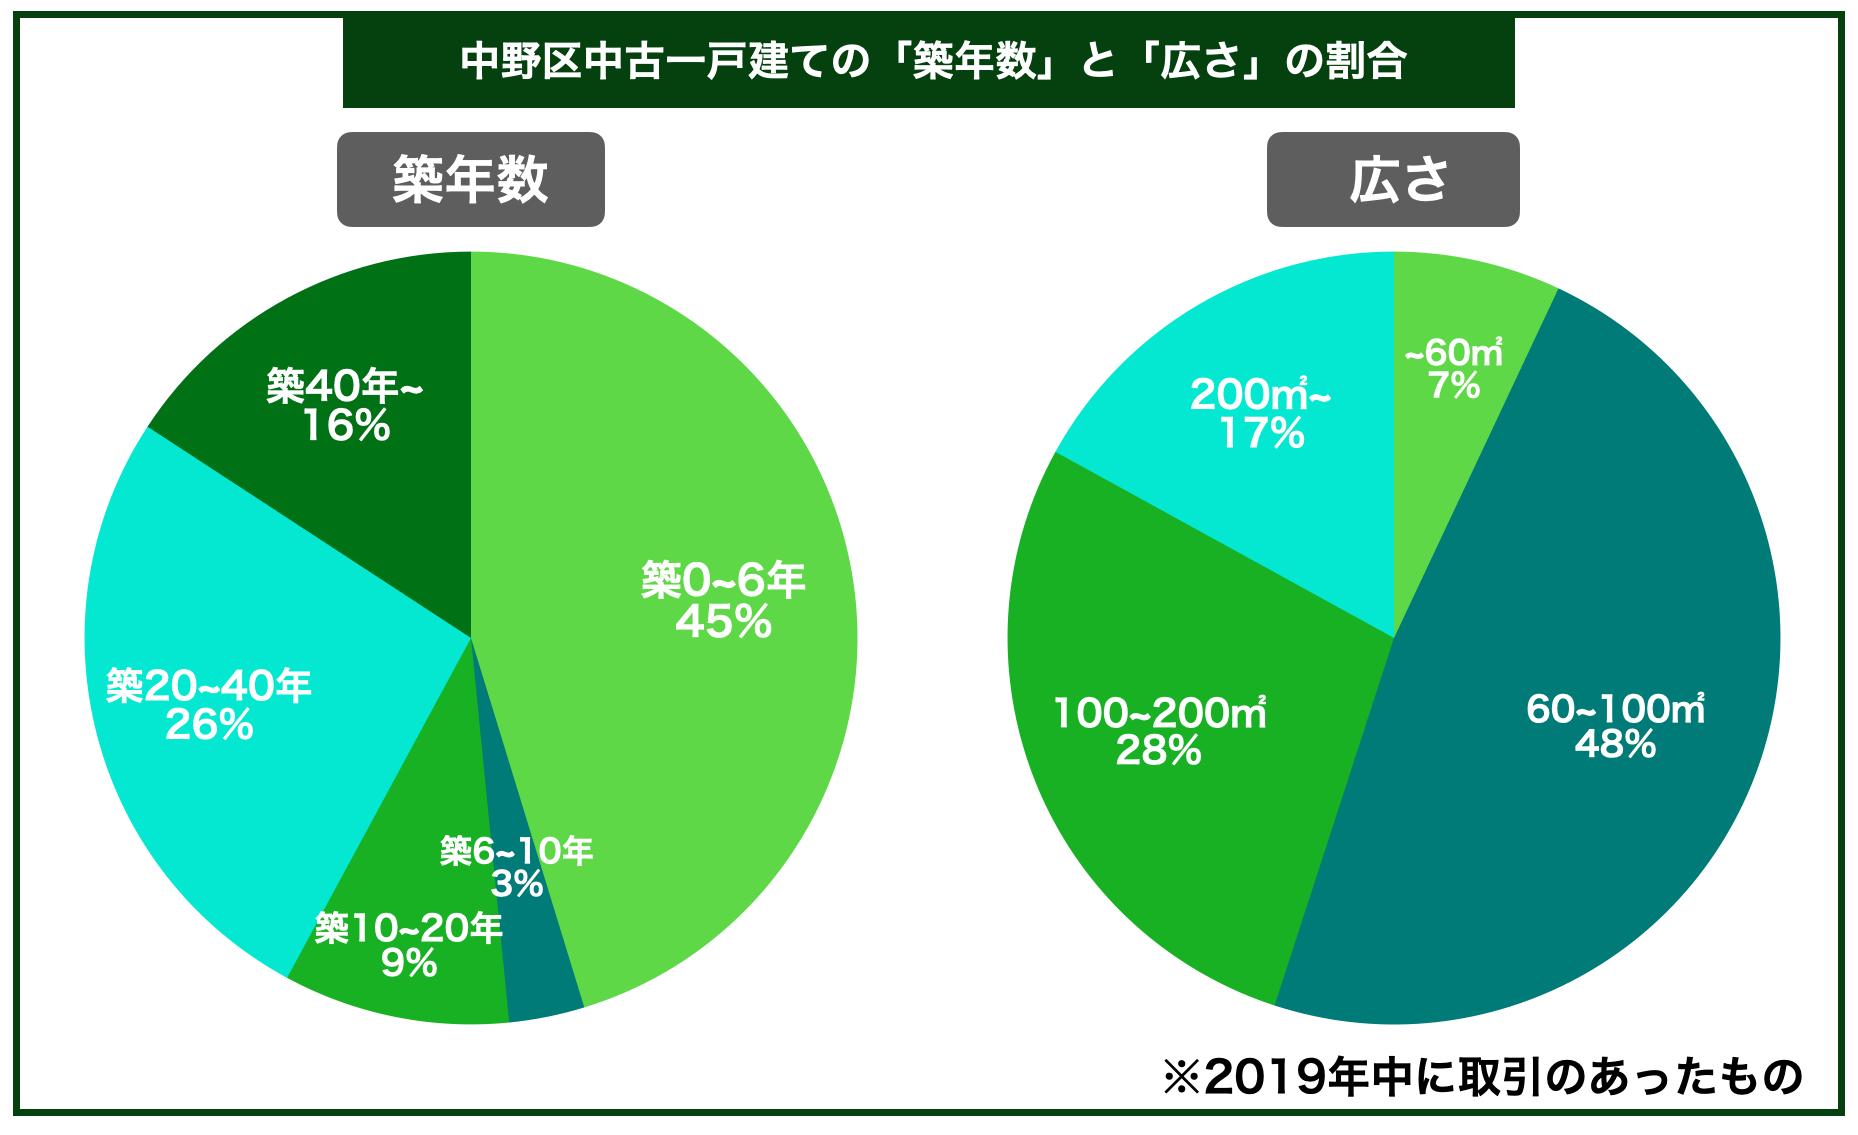 中野区中古一戸建ての平均築年数と広さの割合